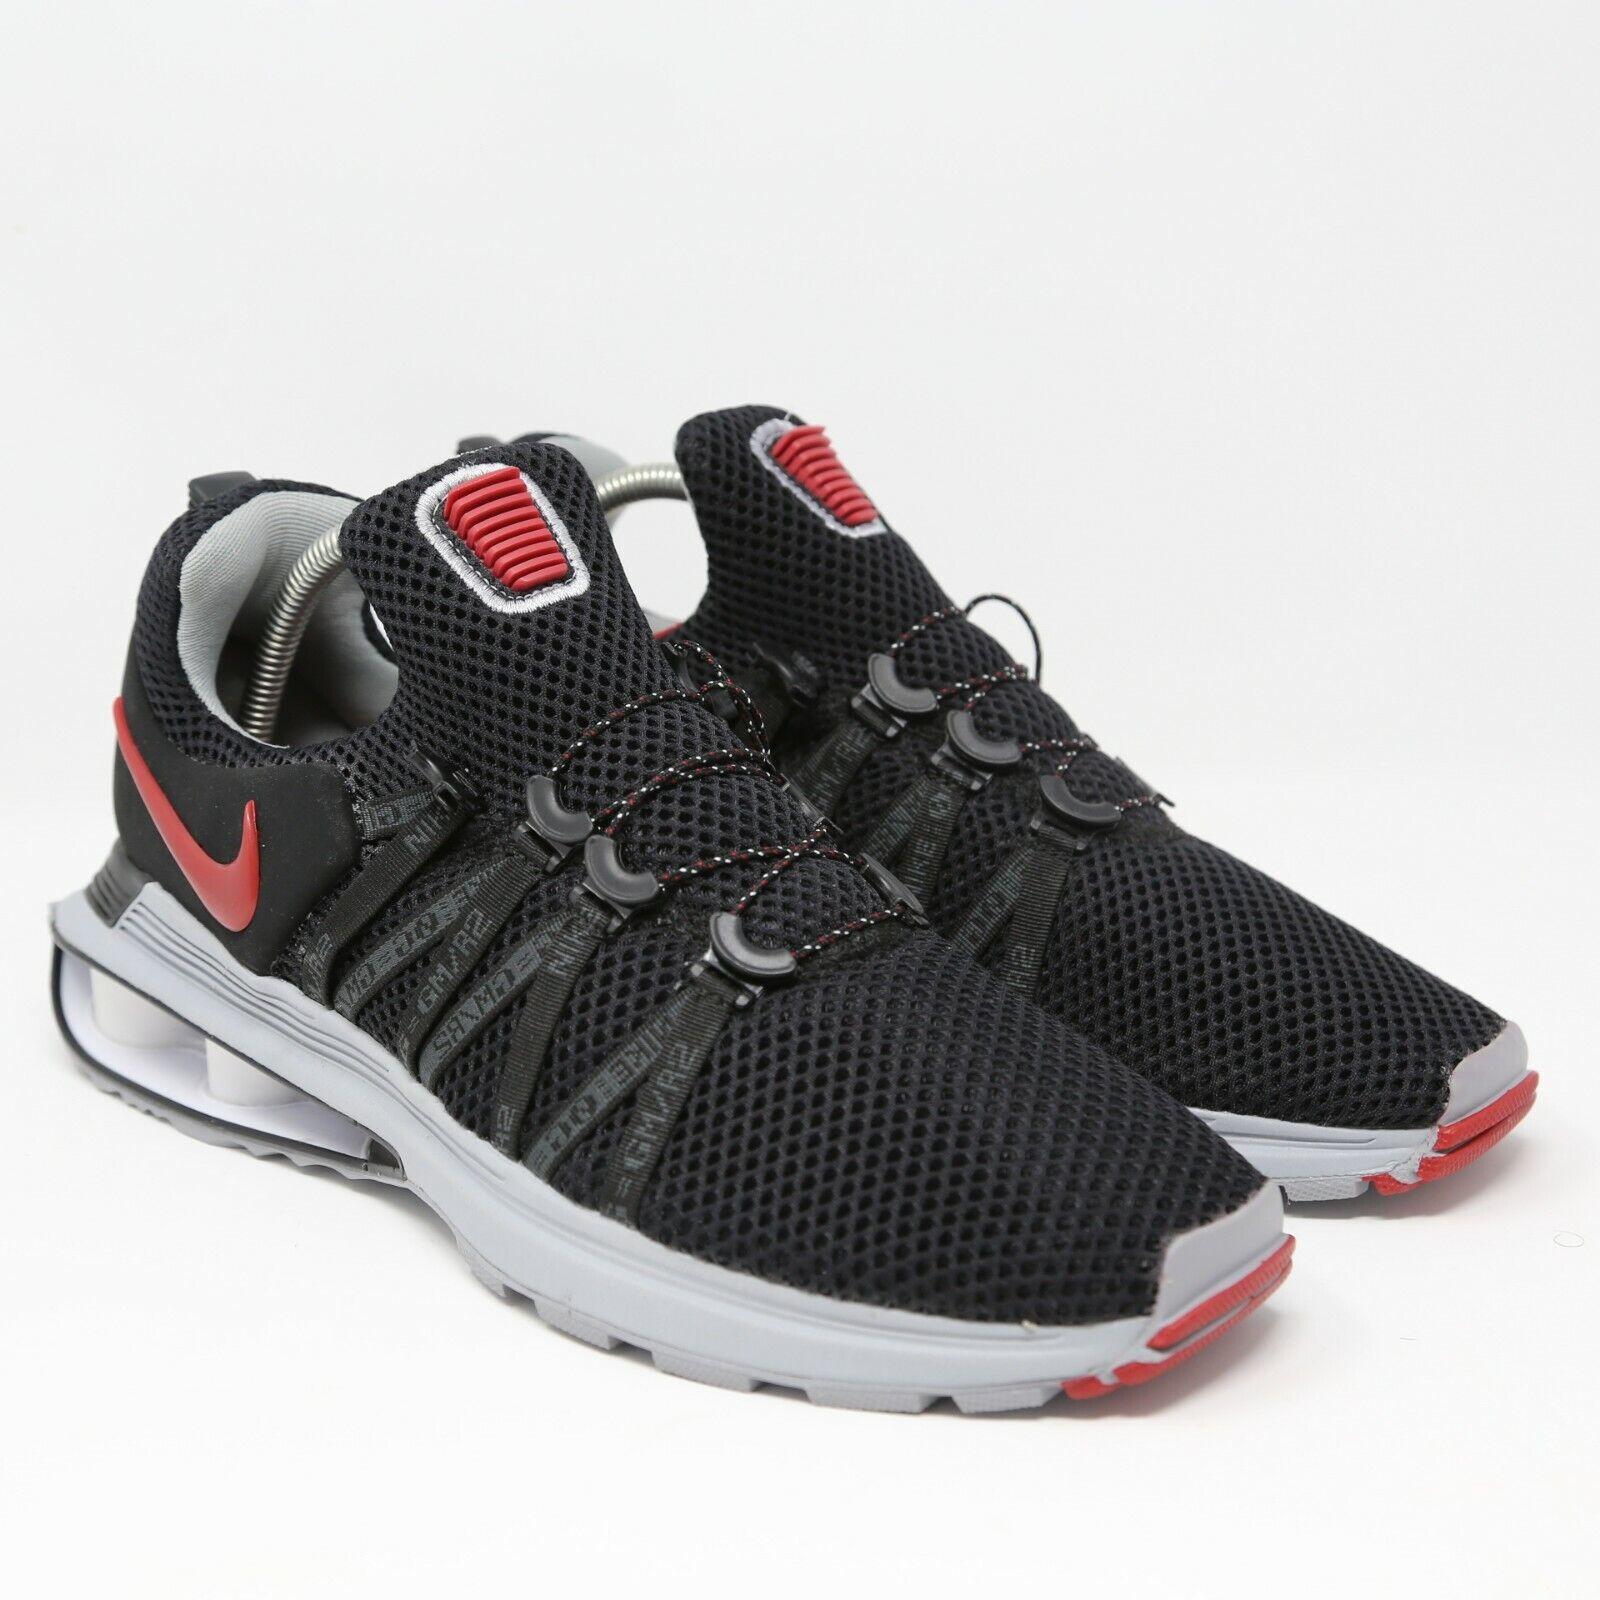 Nike Shox gravedad Negro Rojo universitario criado En ejecución Tamaño 10 AR1999-016 EUR 44 UK 9